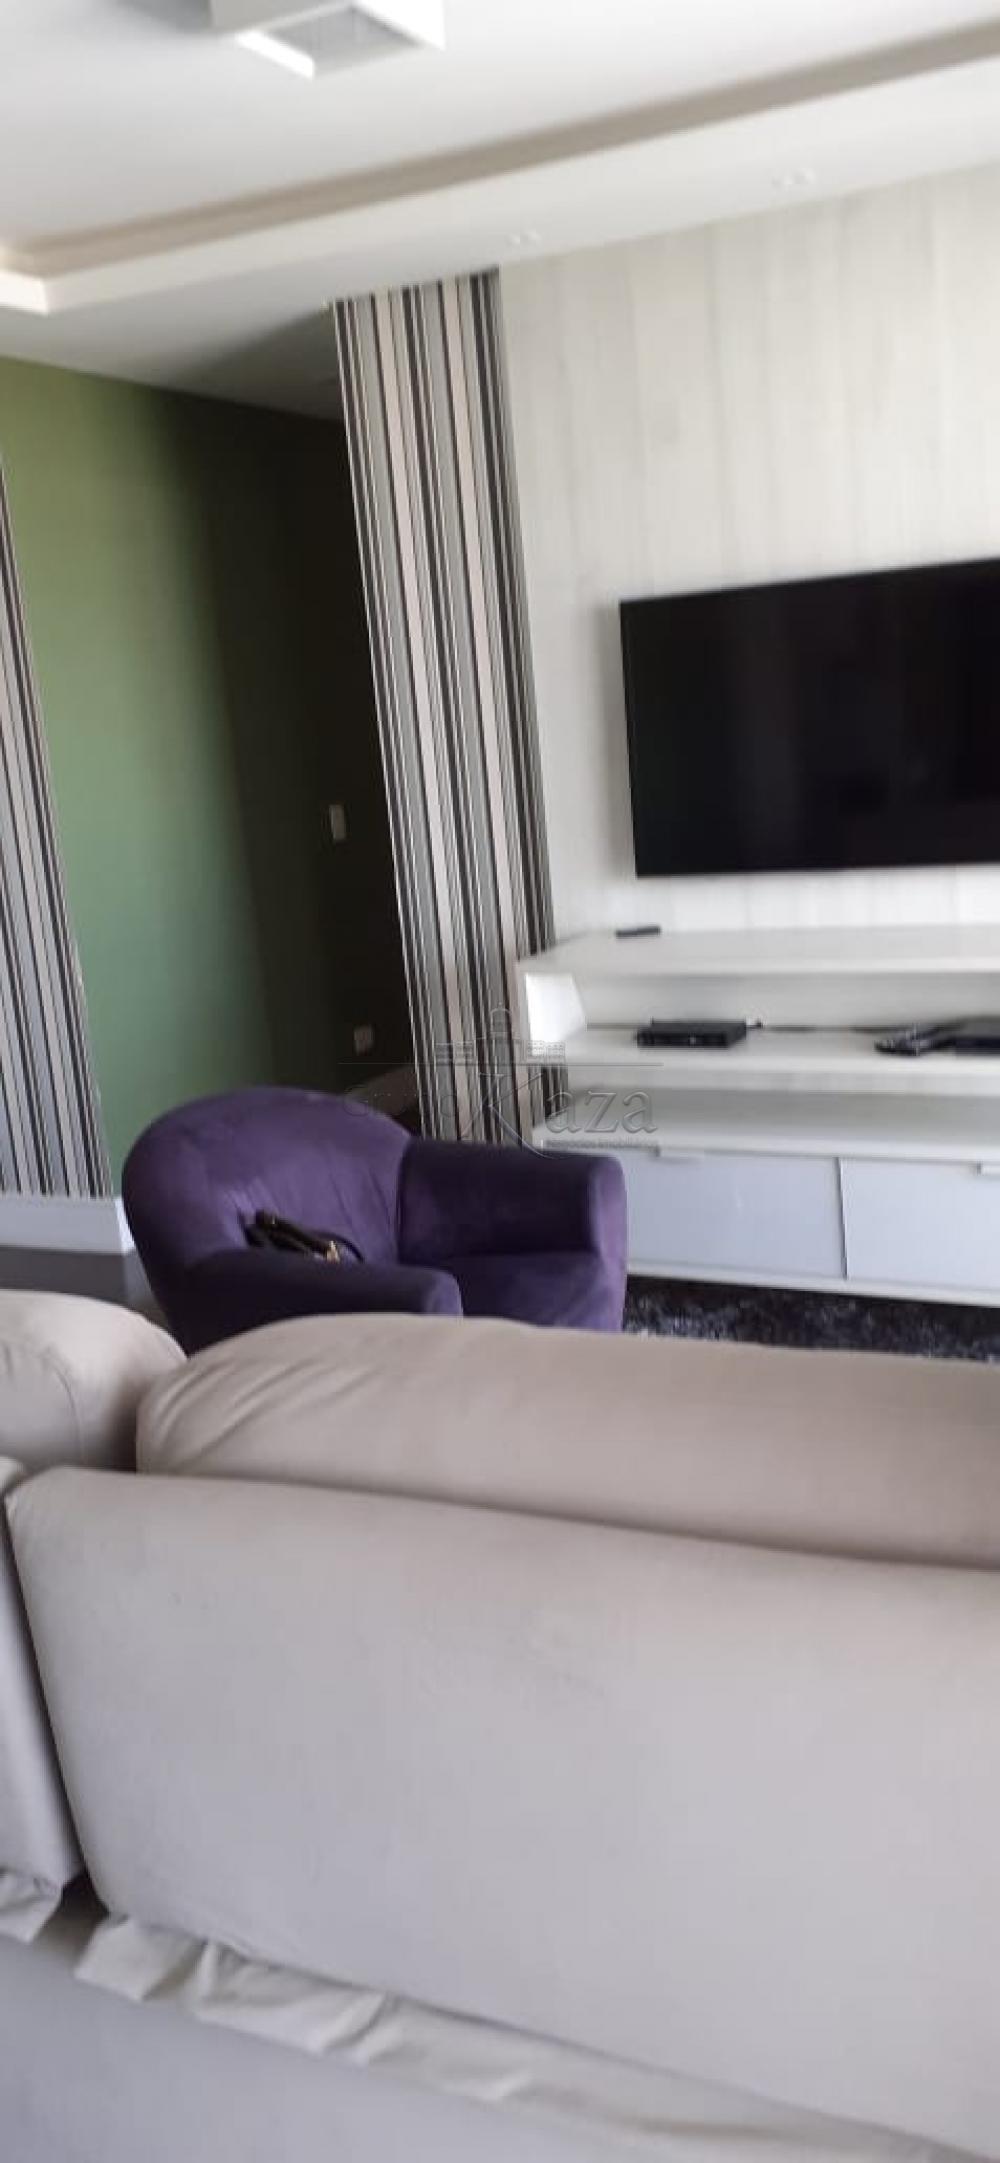 Comprar Apartamento / Padrão em São José dos Campos apenas R$ 930.000,00 - Foto 4